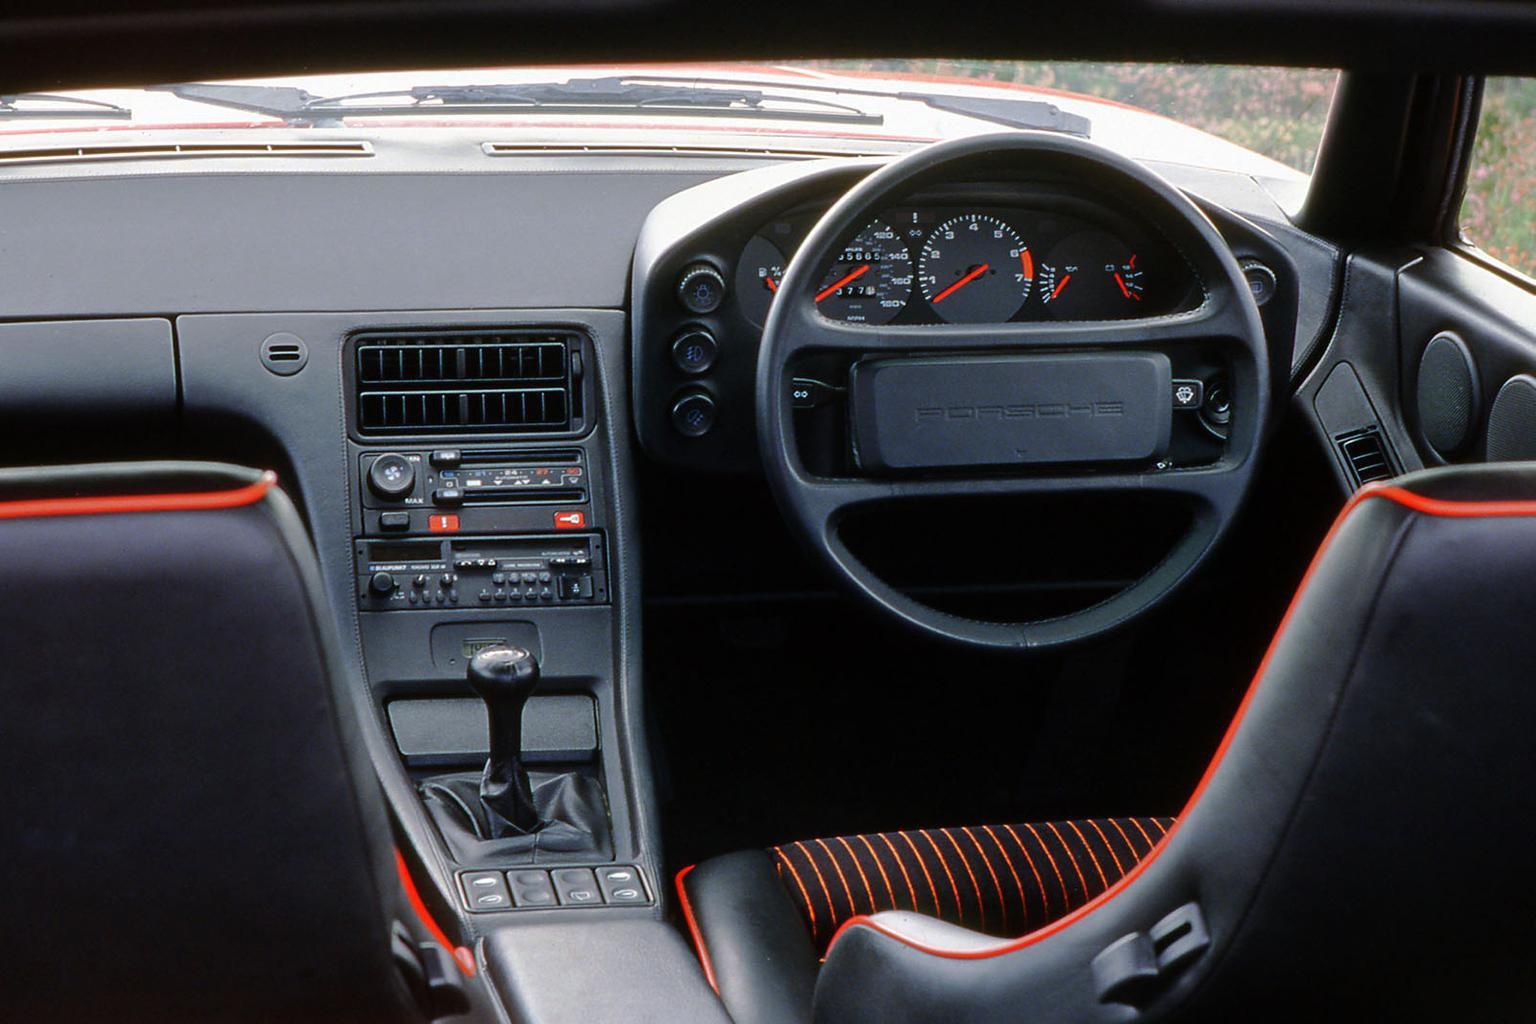 Porsche 928 dashboard